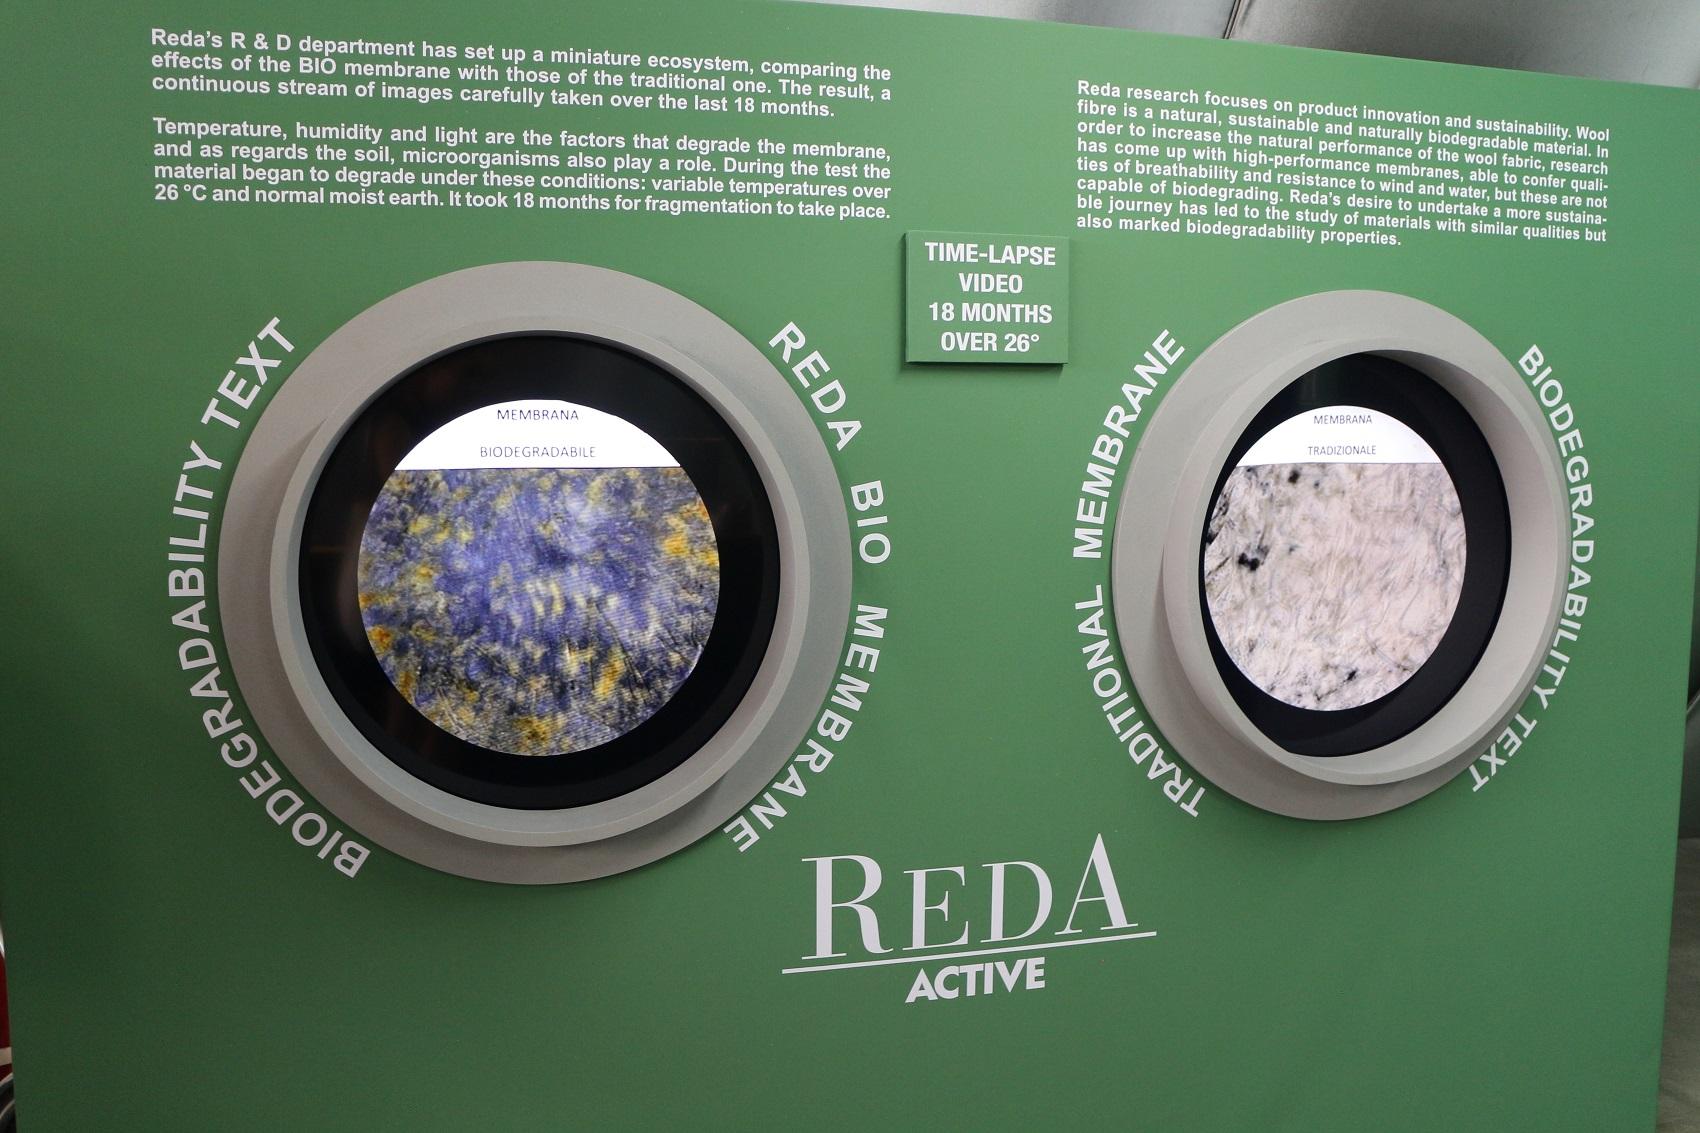 A marca italiana Reda uniu o desejo de mesclar pesquisa tecnológica e sustentabilidade e criou uma membrana totalmente biodegradável (Foto: Janaina Cesar)